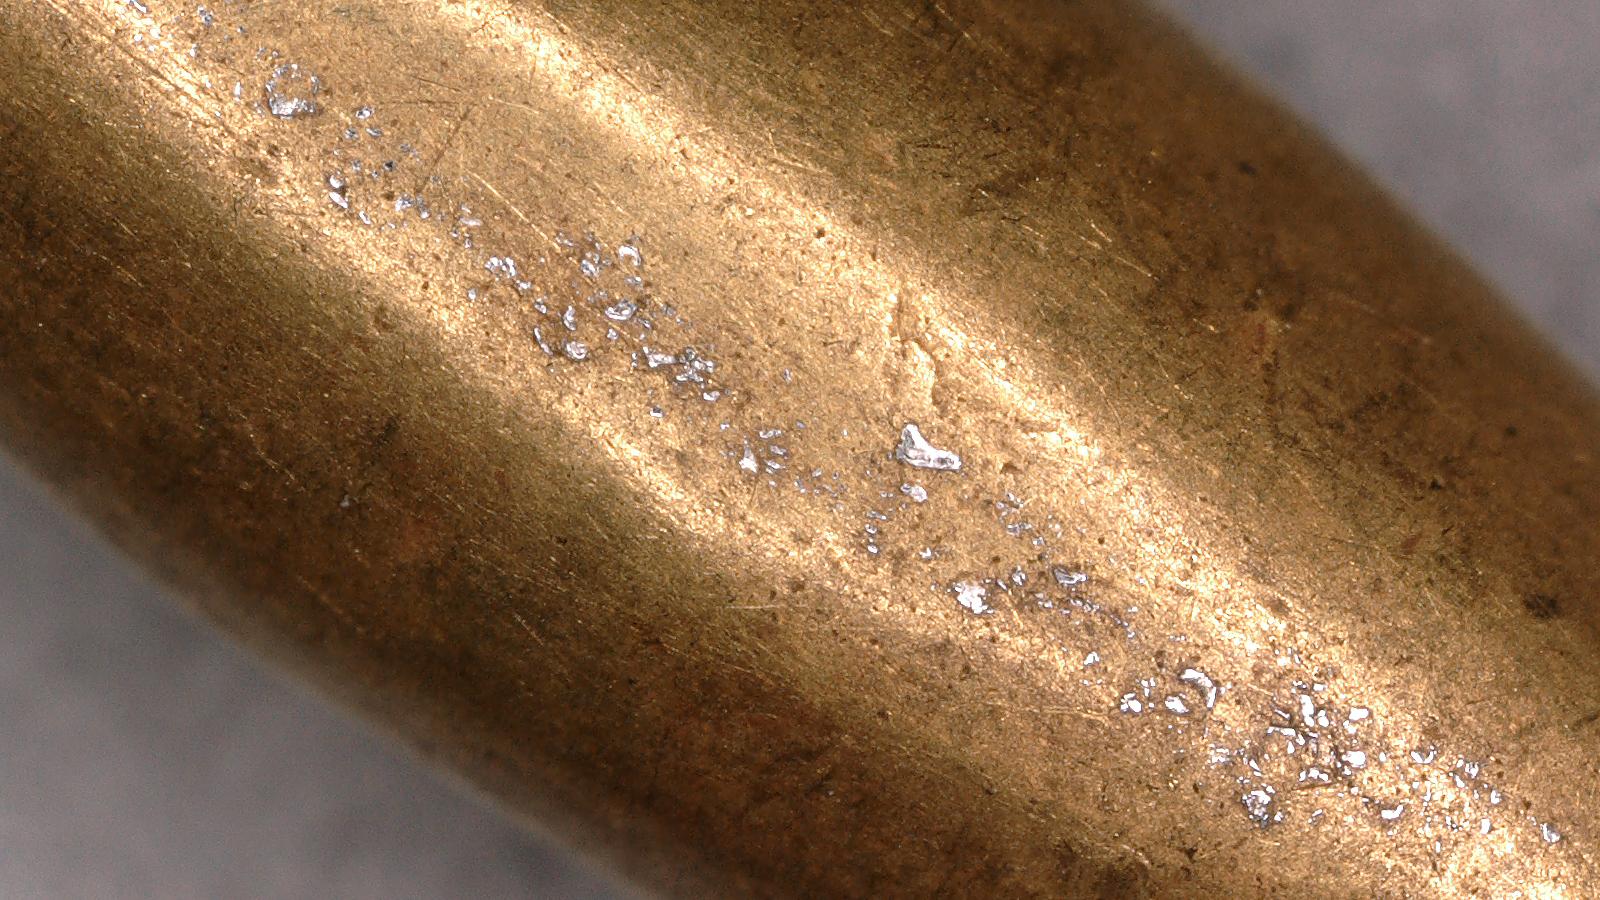 L'analyse des taches de couleur claire sur une perle d'or du manteau de la reine Puabi d'Ur aide les chercheurs à retracer l'origine géologique de l'or.